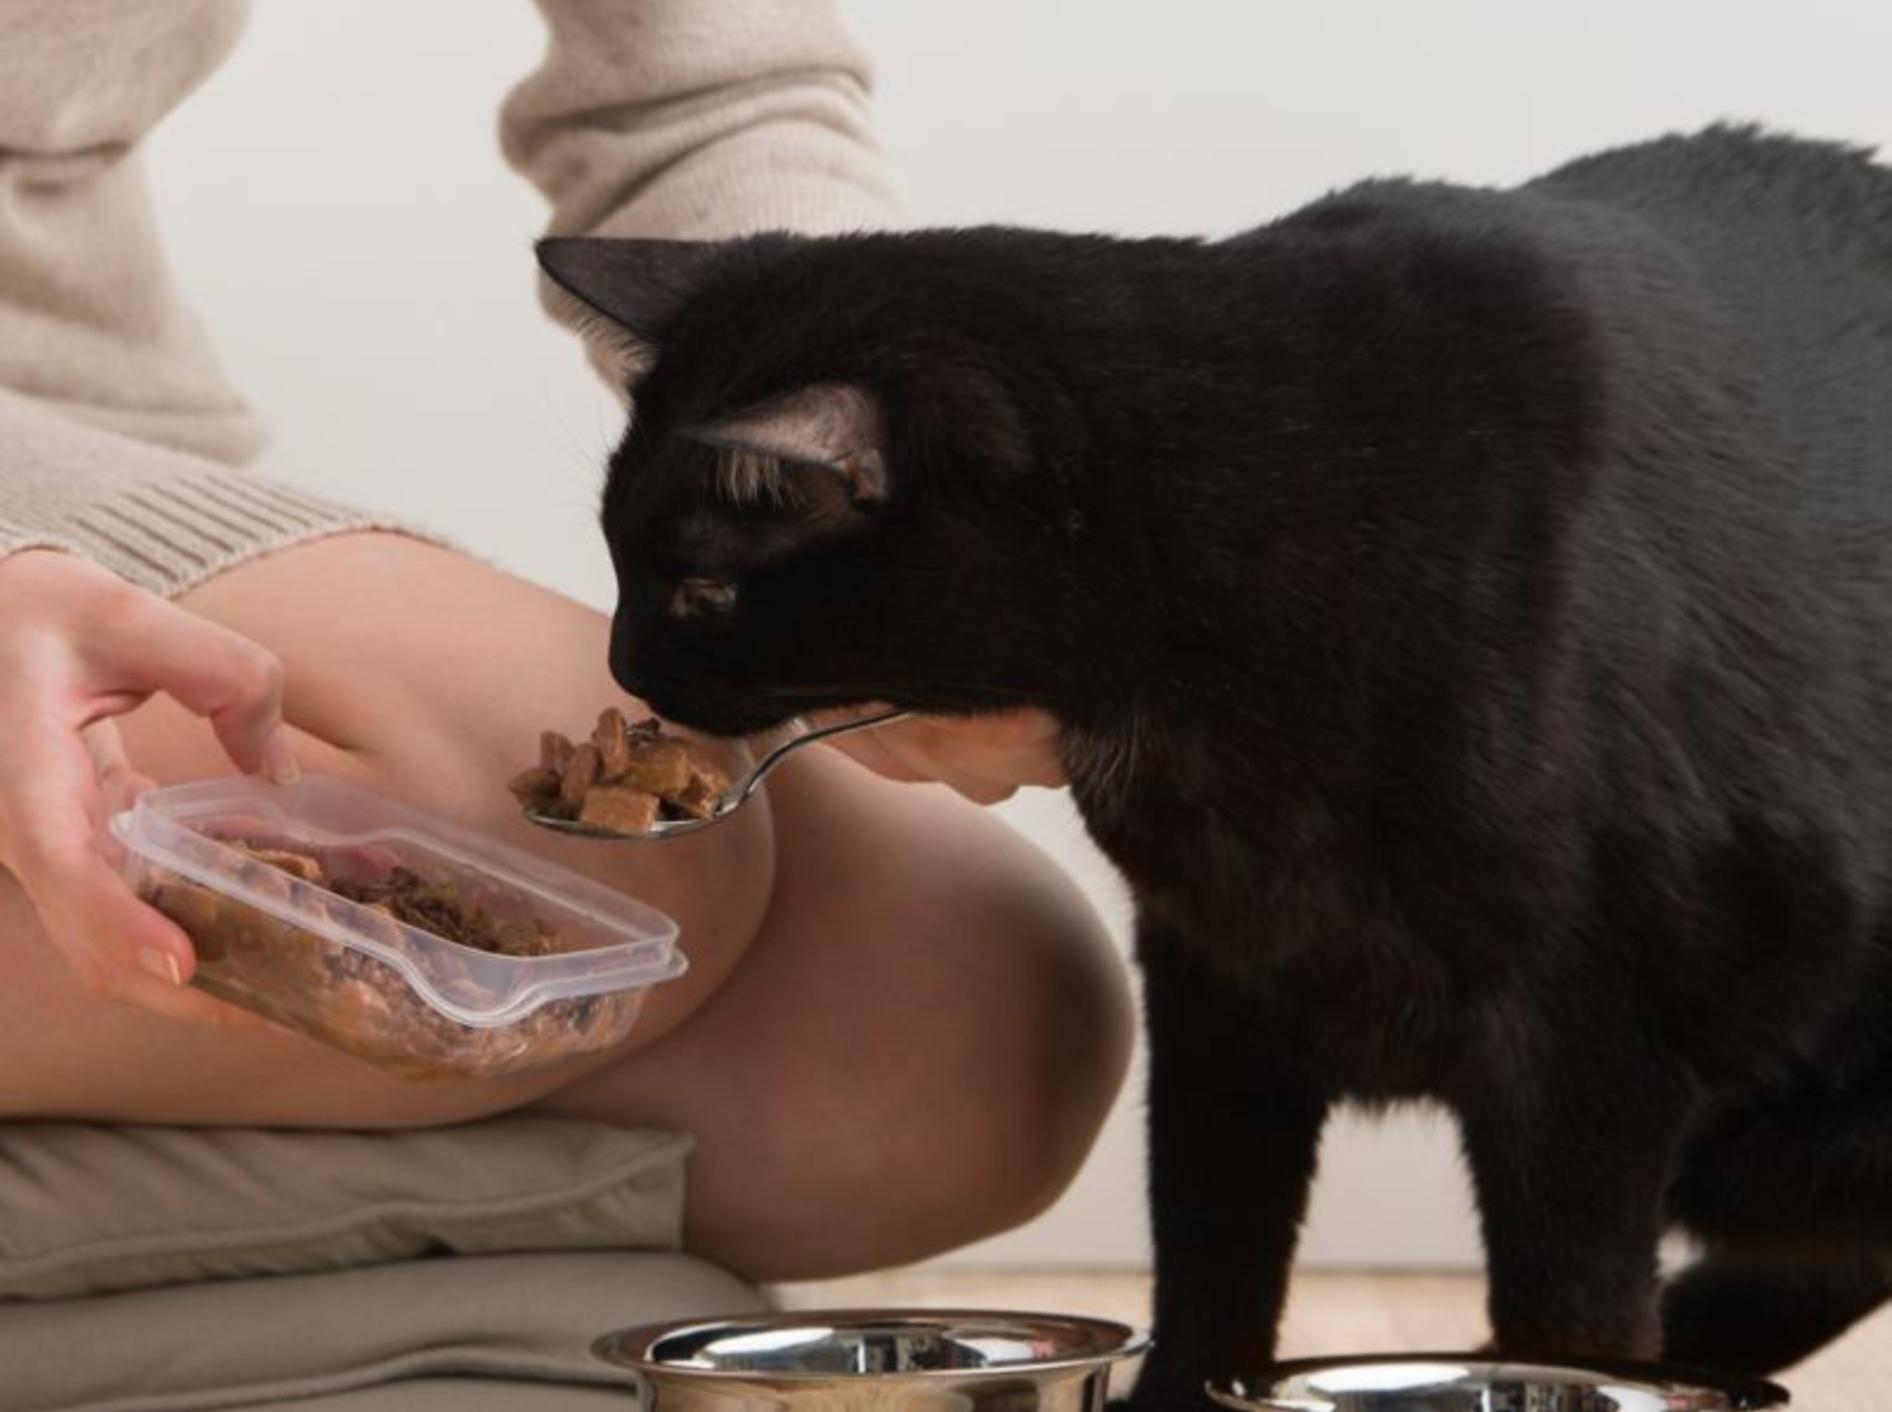 Eine zugelaufene Katze sollten Sie nur unter bestimmten Bedingungen füttern – Bild: Shutterstock / Hasloo Group Production Studio